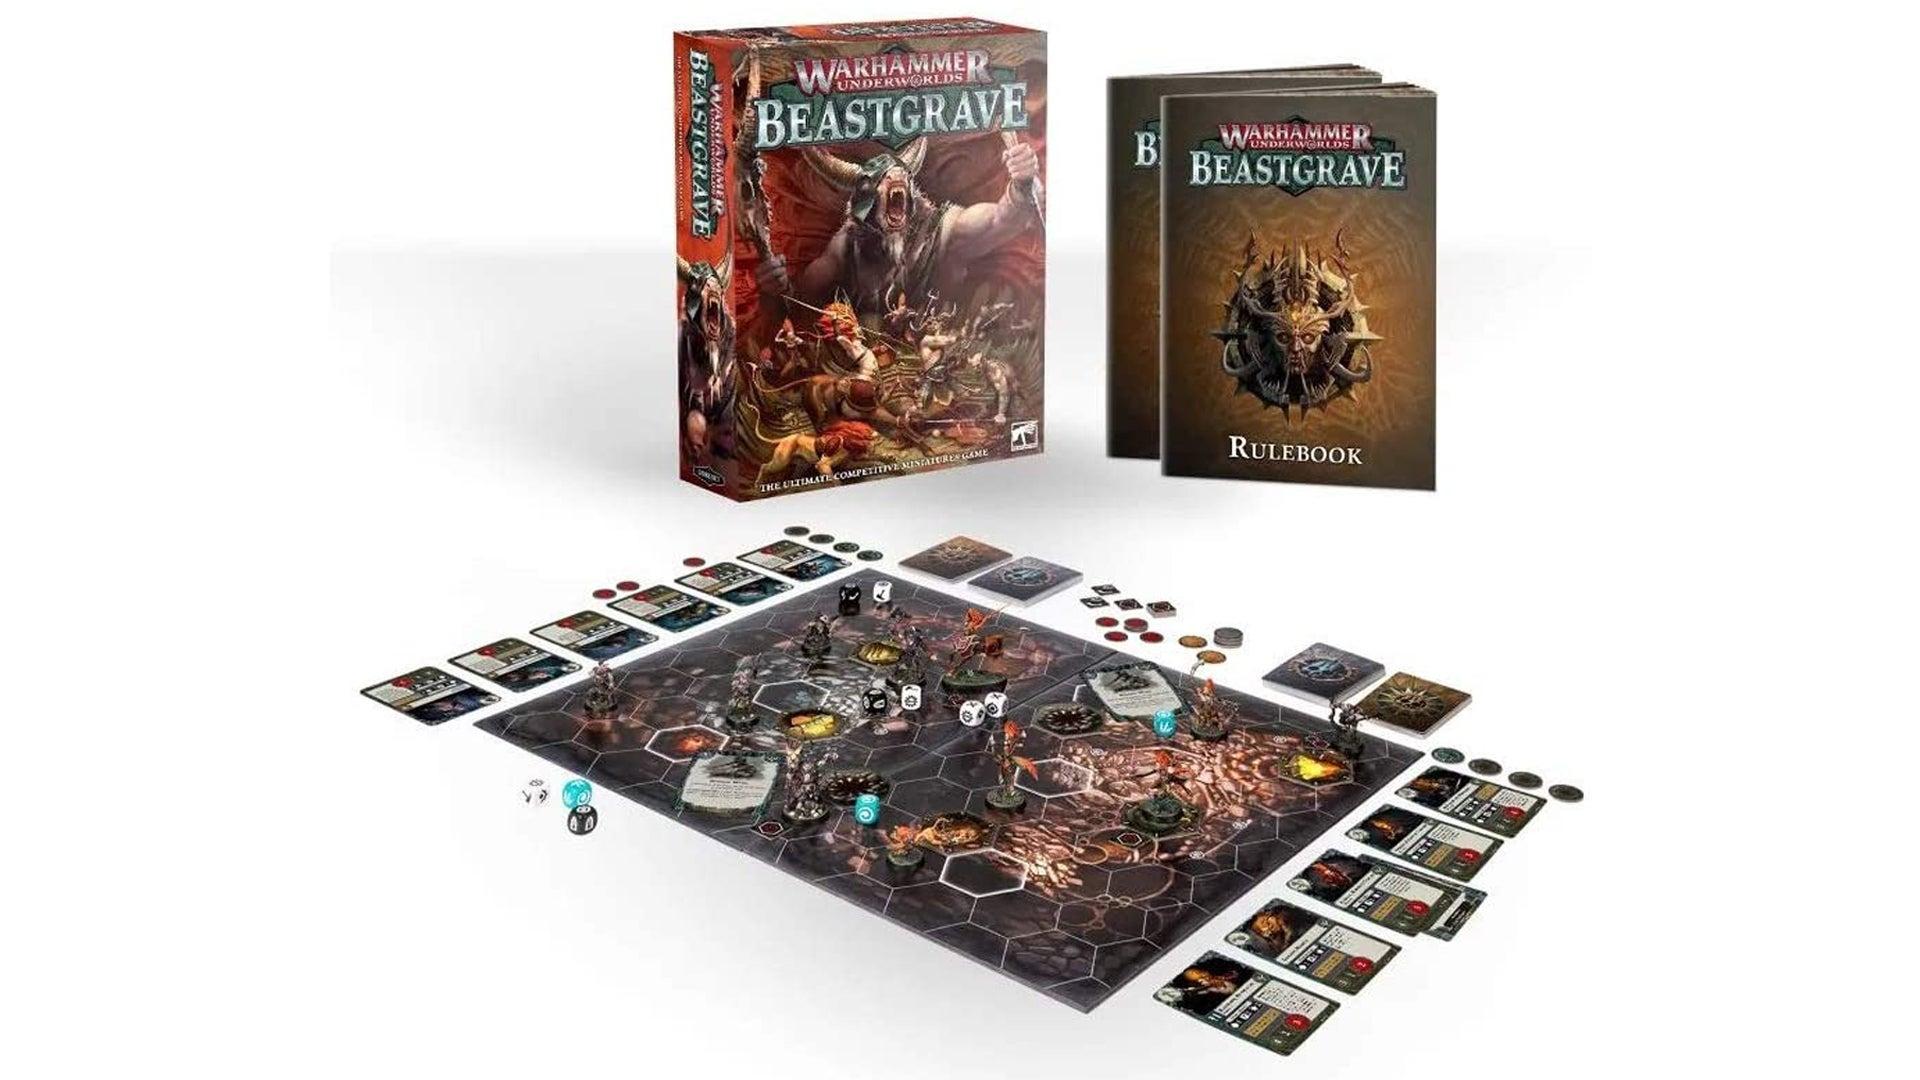 warhammer-underworlds-beastgrave-board-game-gameplay.jpg